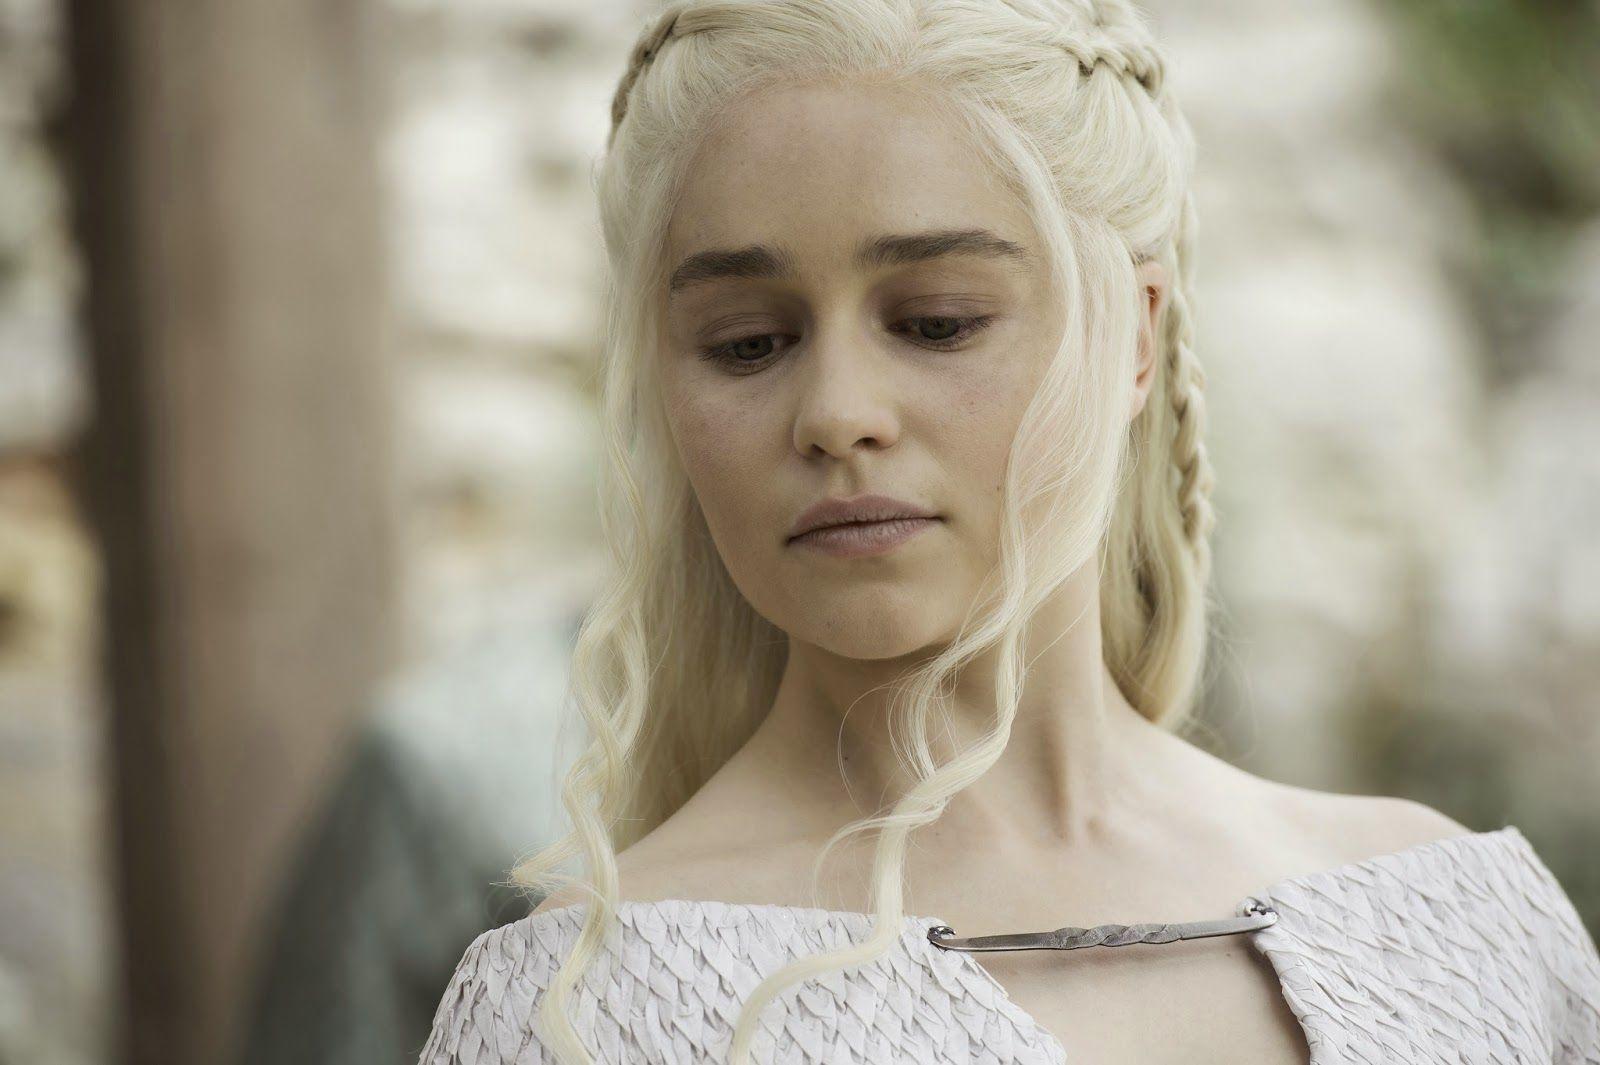 Περίληψη 2ου επεισοδίου - 5η σεζόν - Game Of Thrones GR Fans